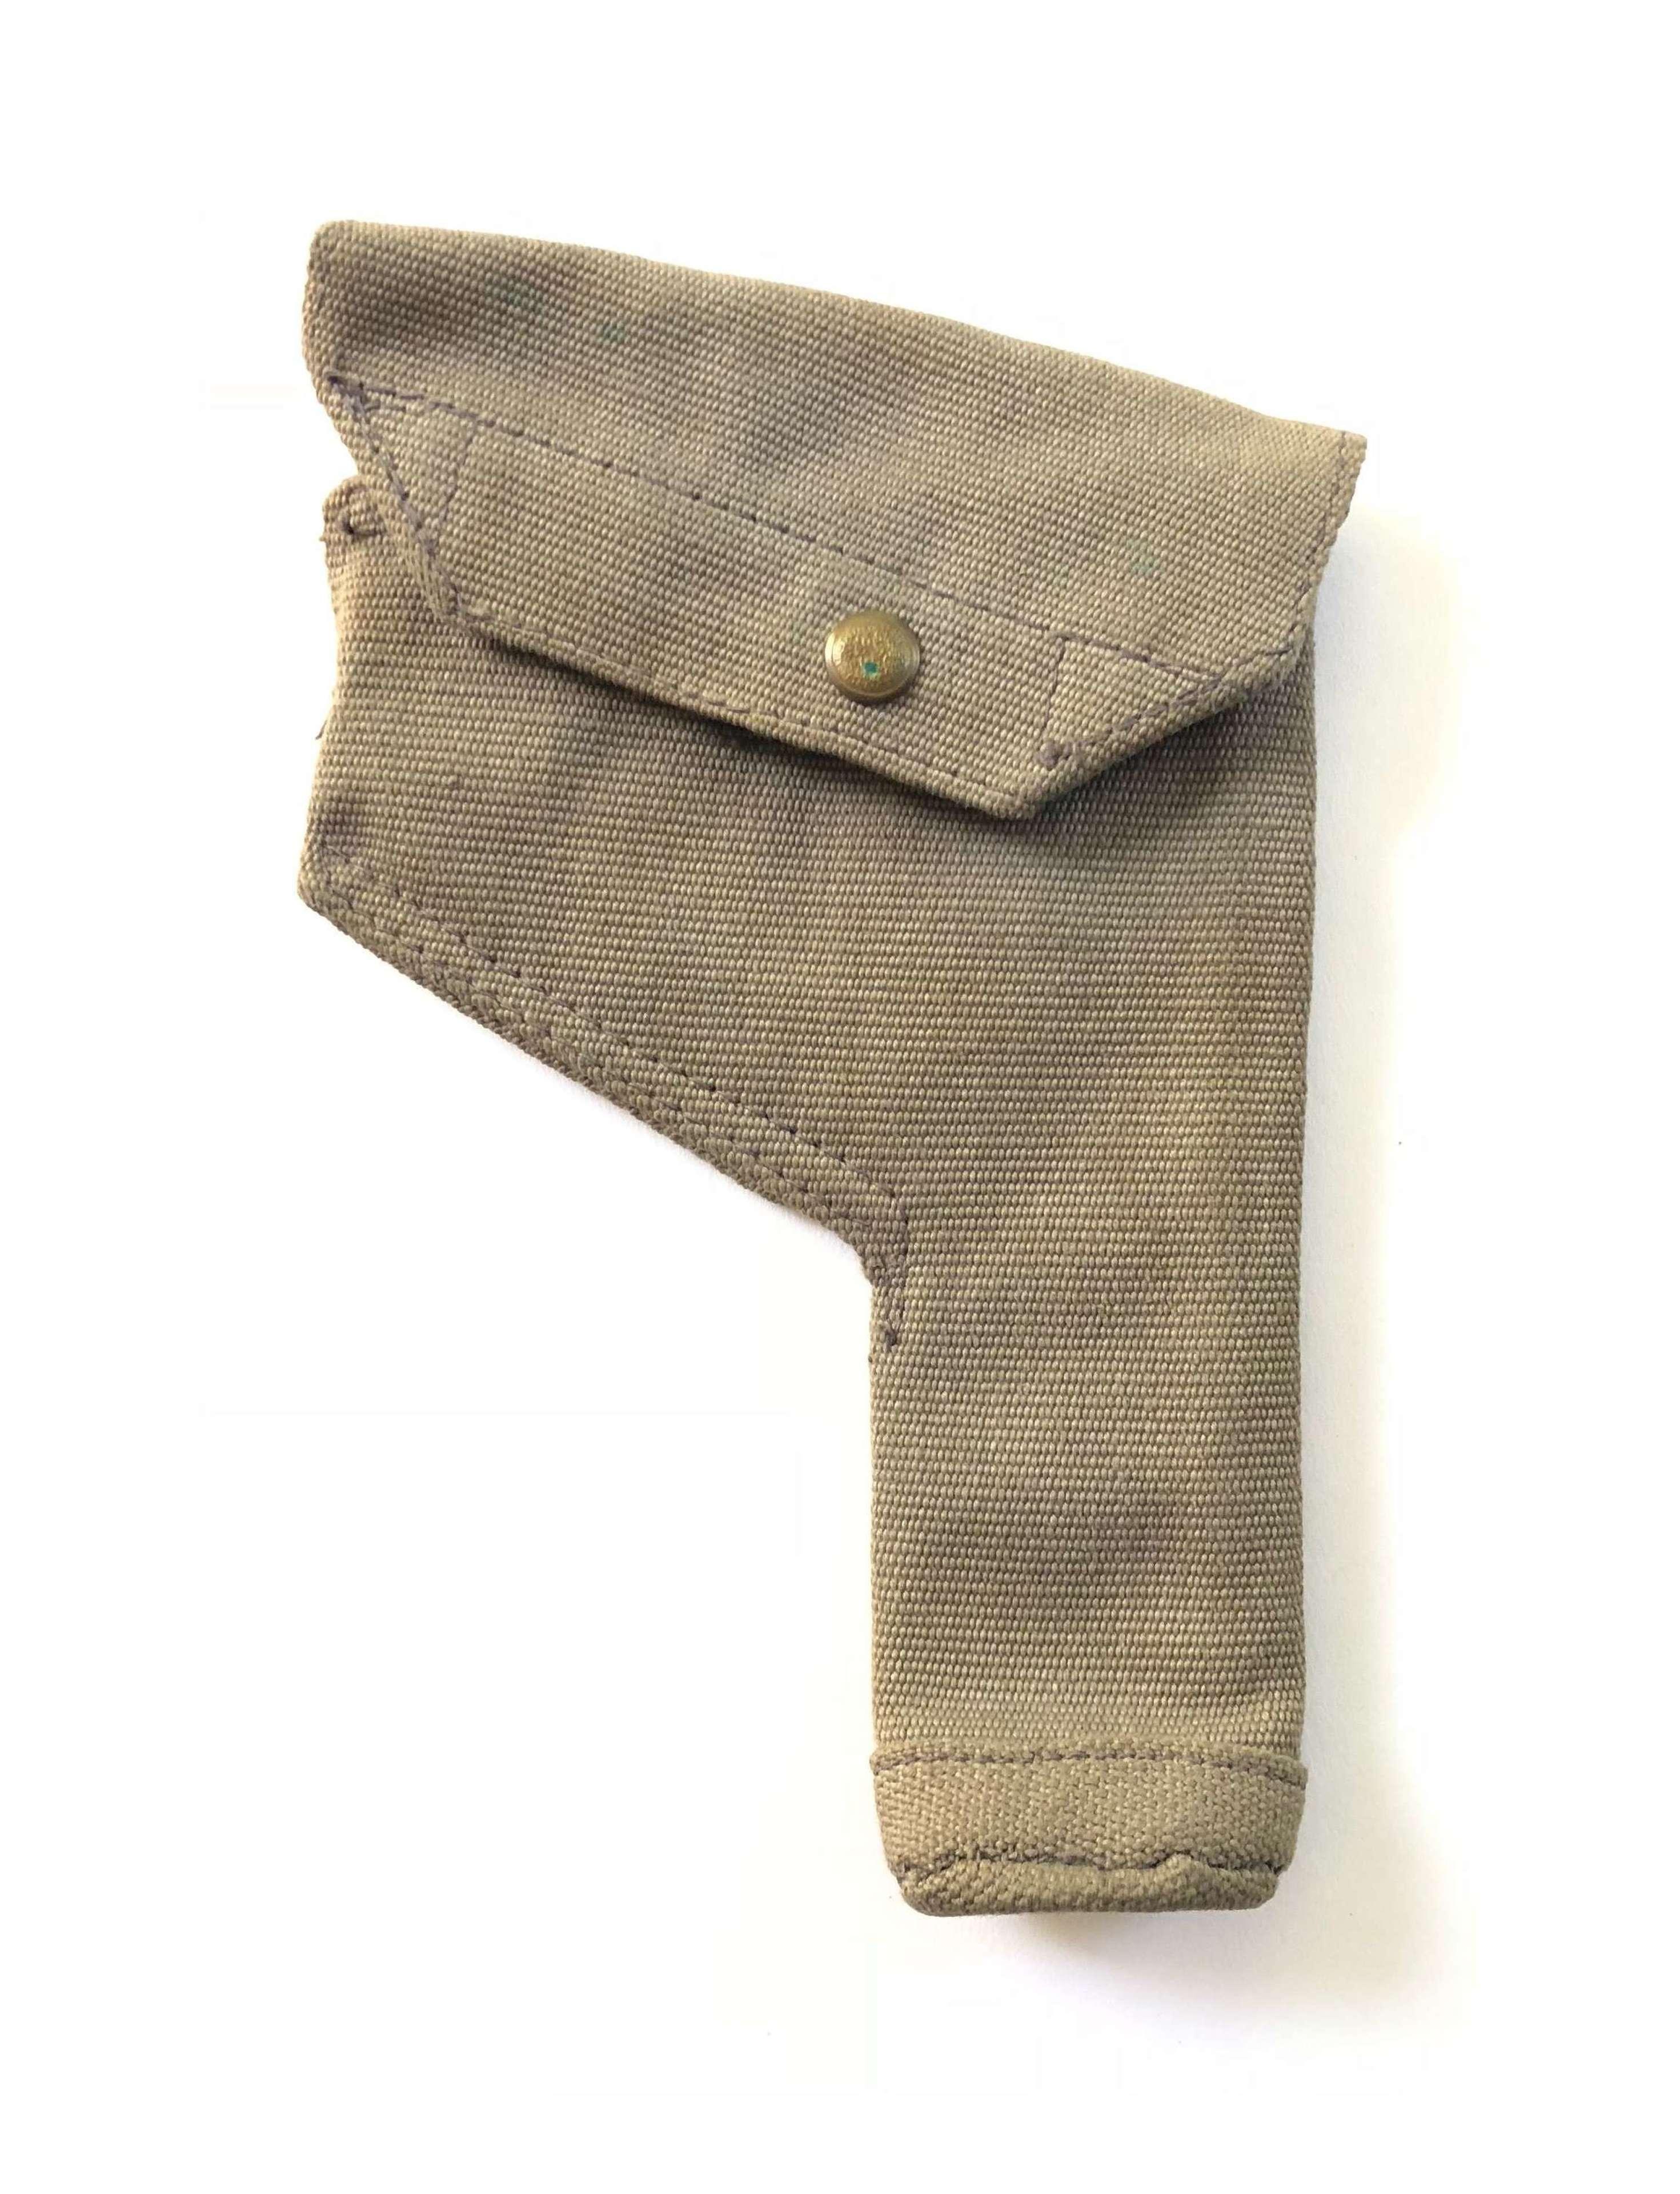 WW2 1944 RAF Webbing Holster.